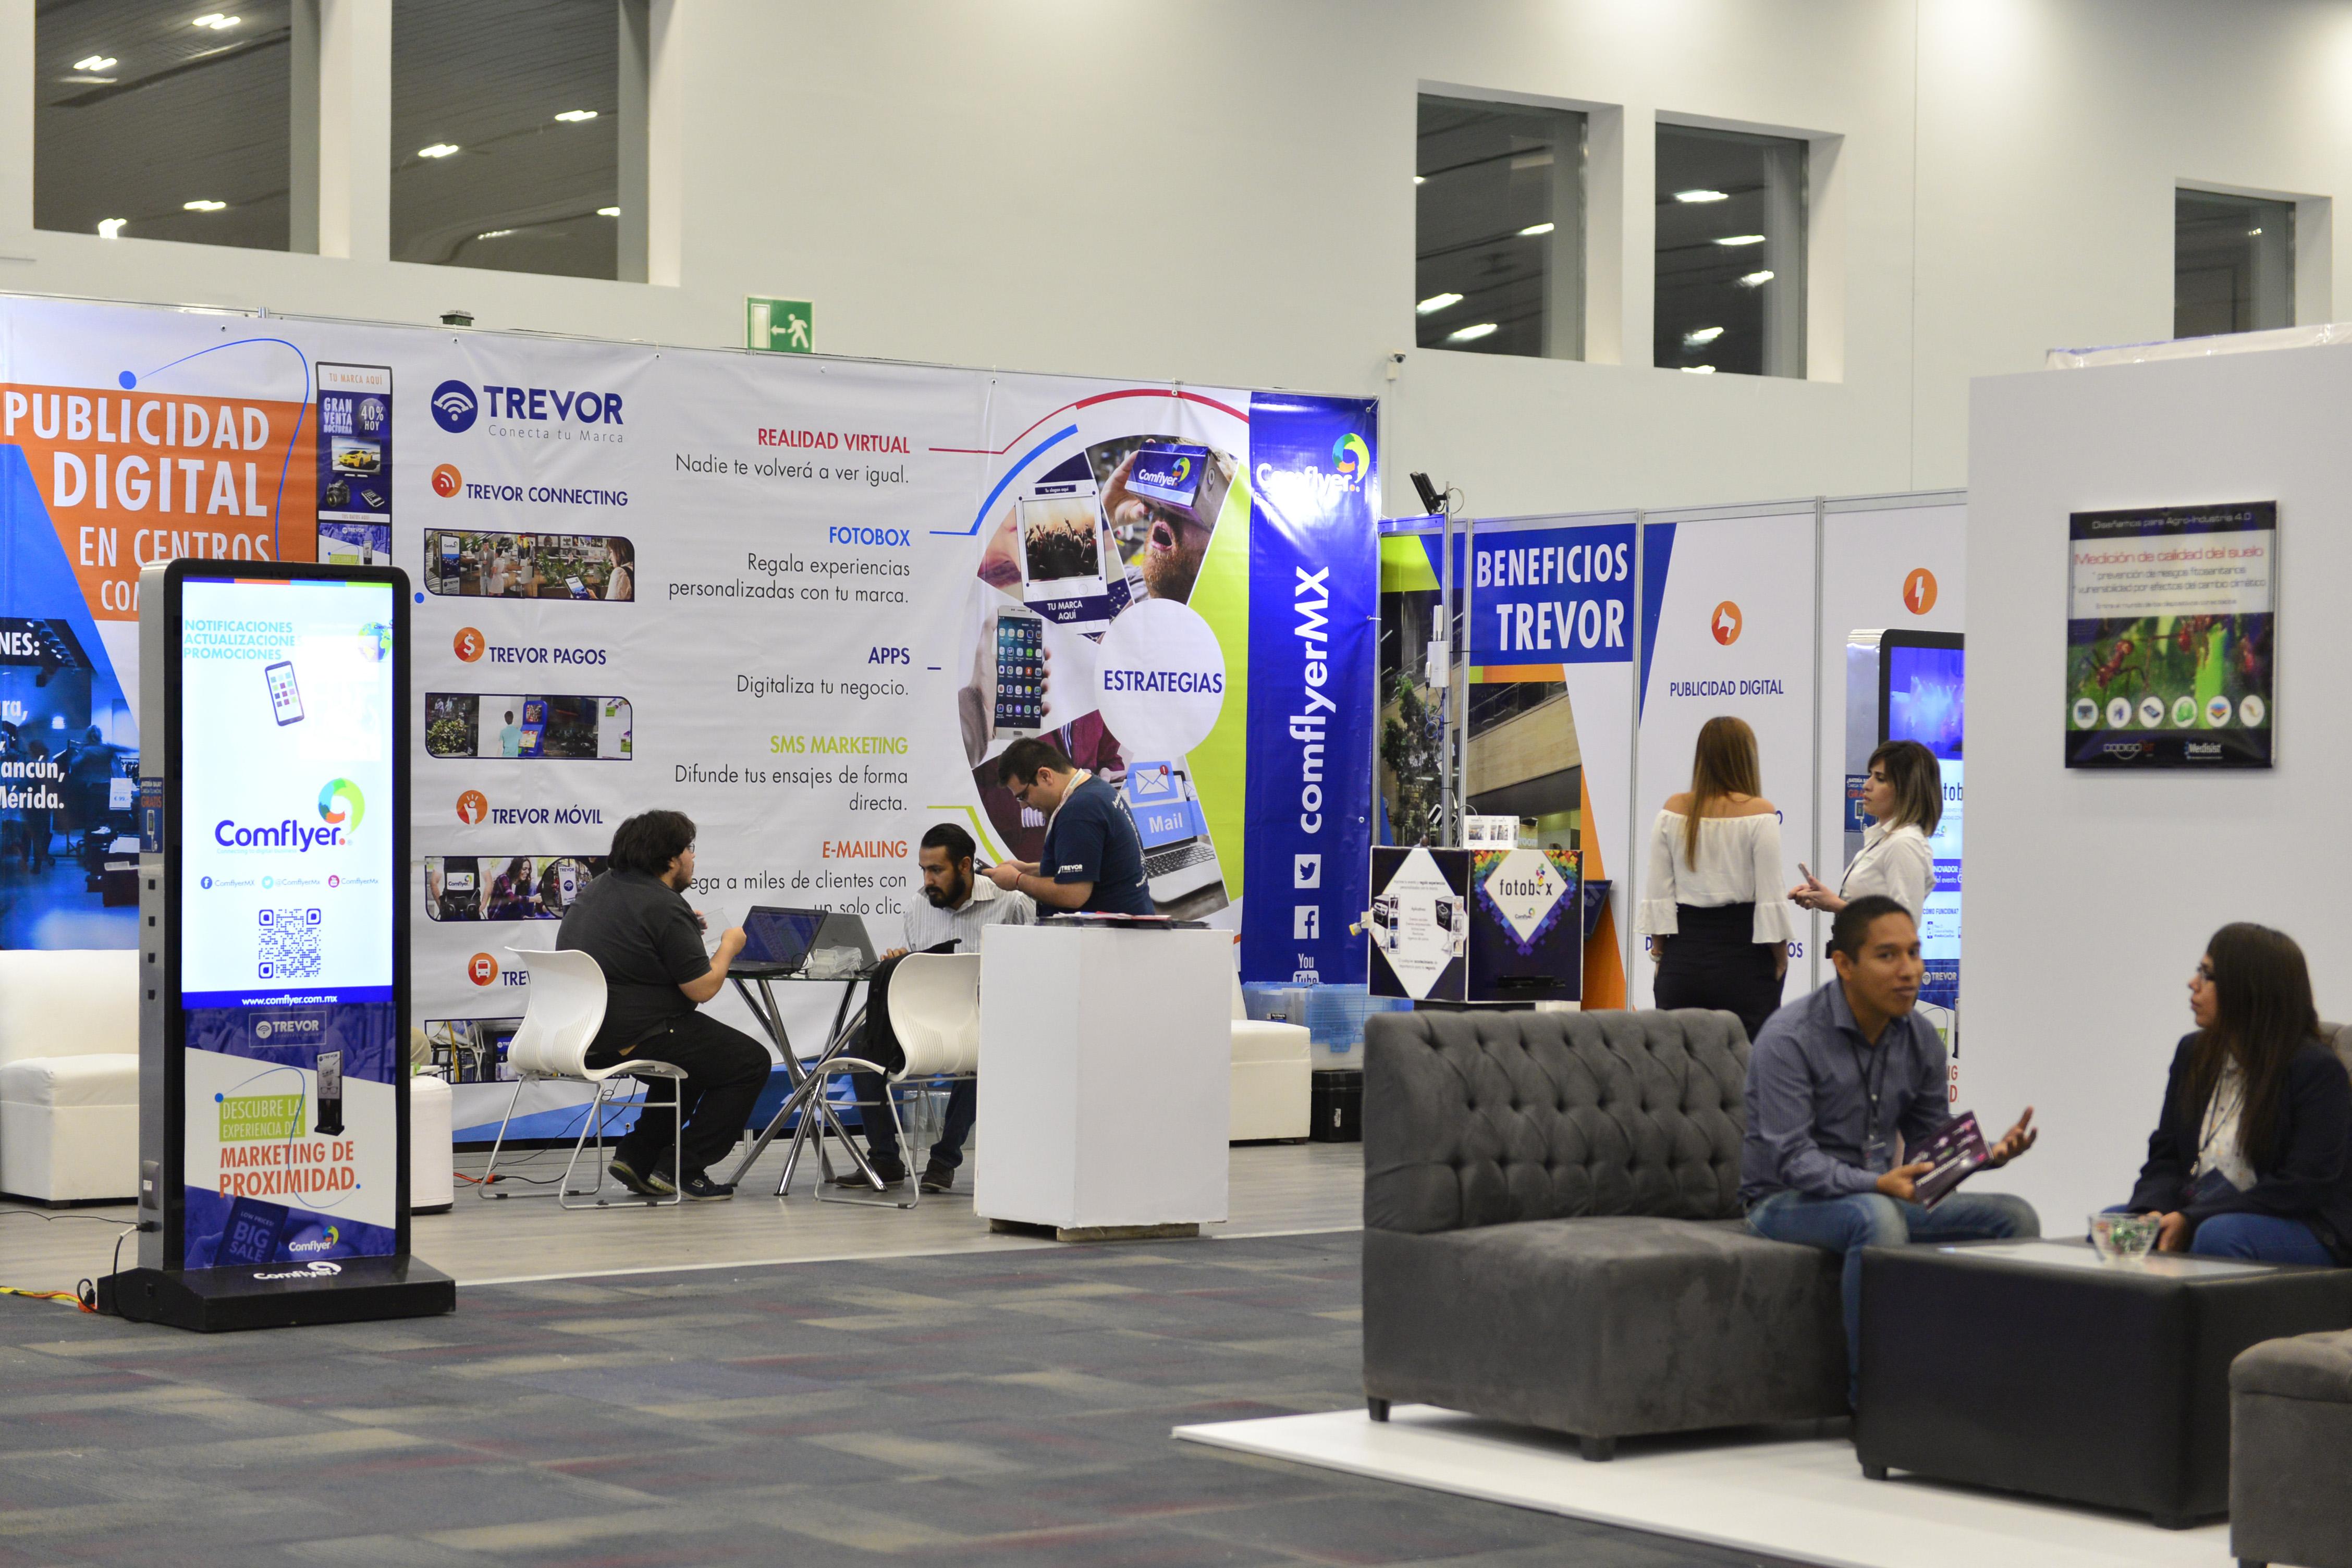 """Proveedores, creativos, desarrolladores y expertos en la industria tecnológica, participando en los stands del """"Digital Economy Show 2017"""", con sede en el recinto Expo Guadalajara."""